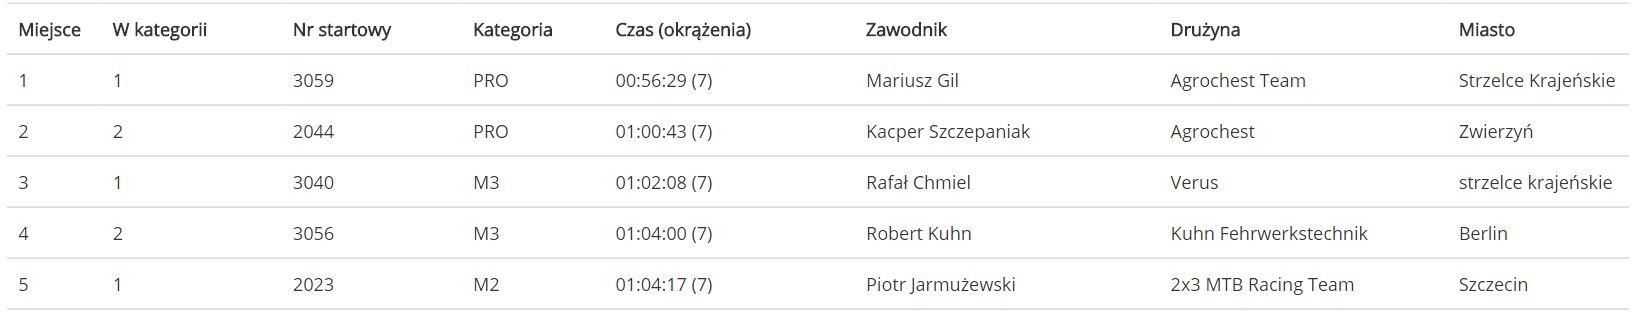 trzy wieże szczecin iv edycja wyniki 2014